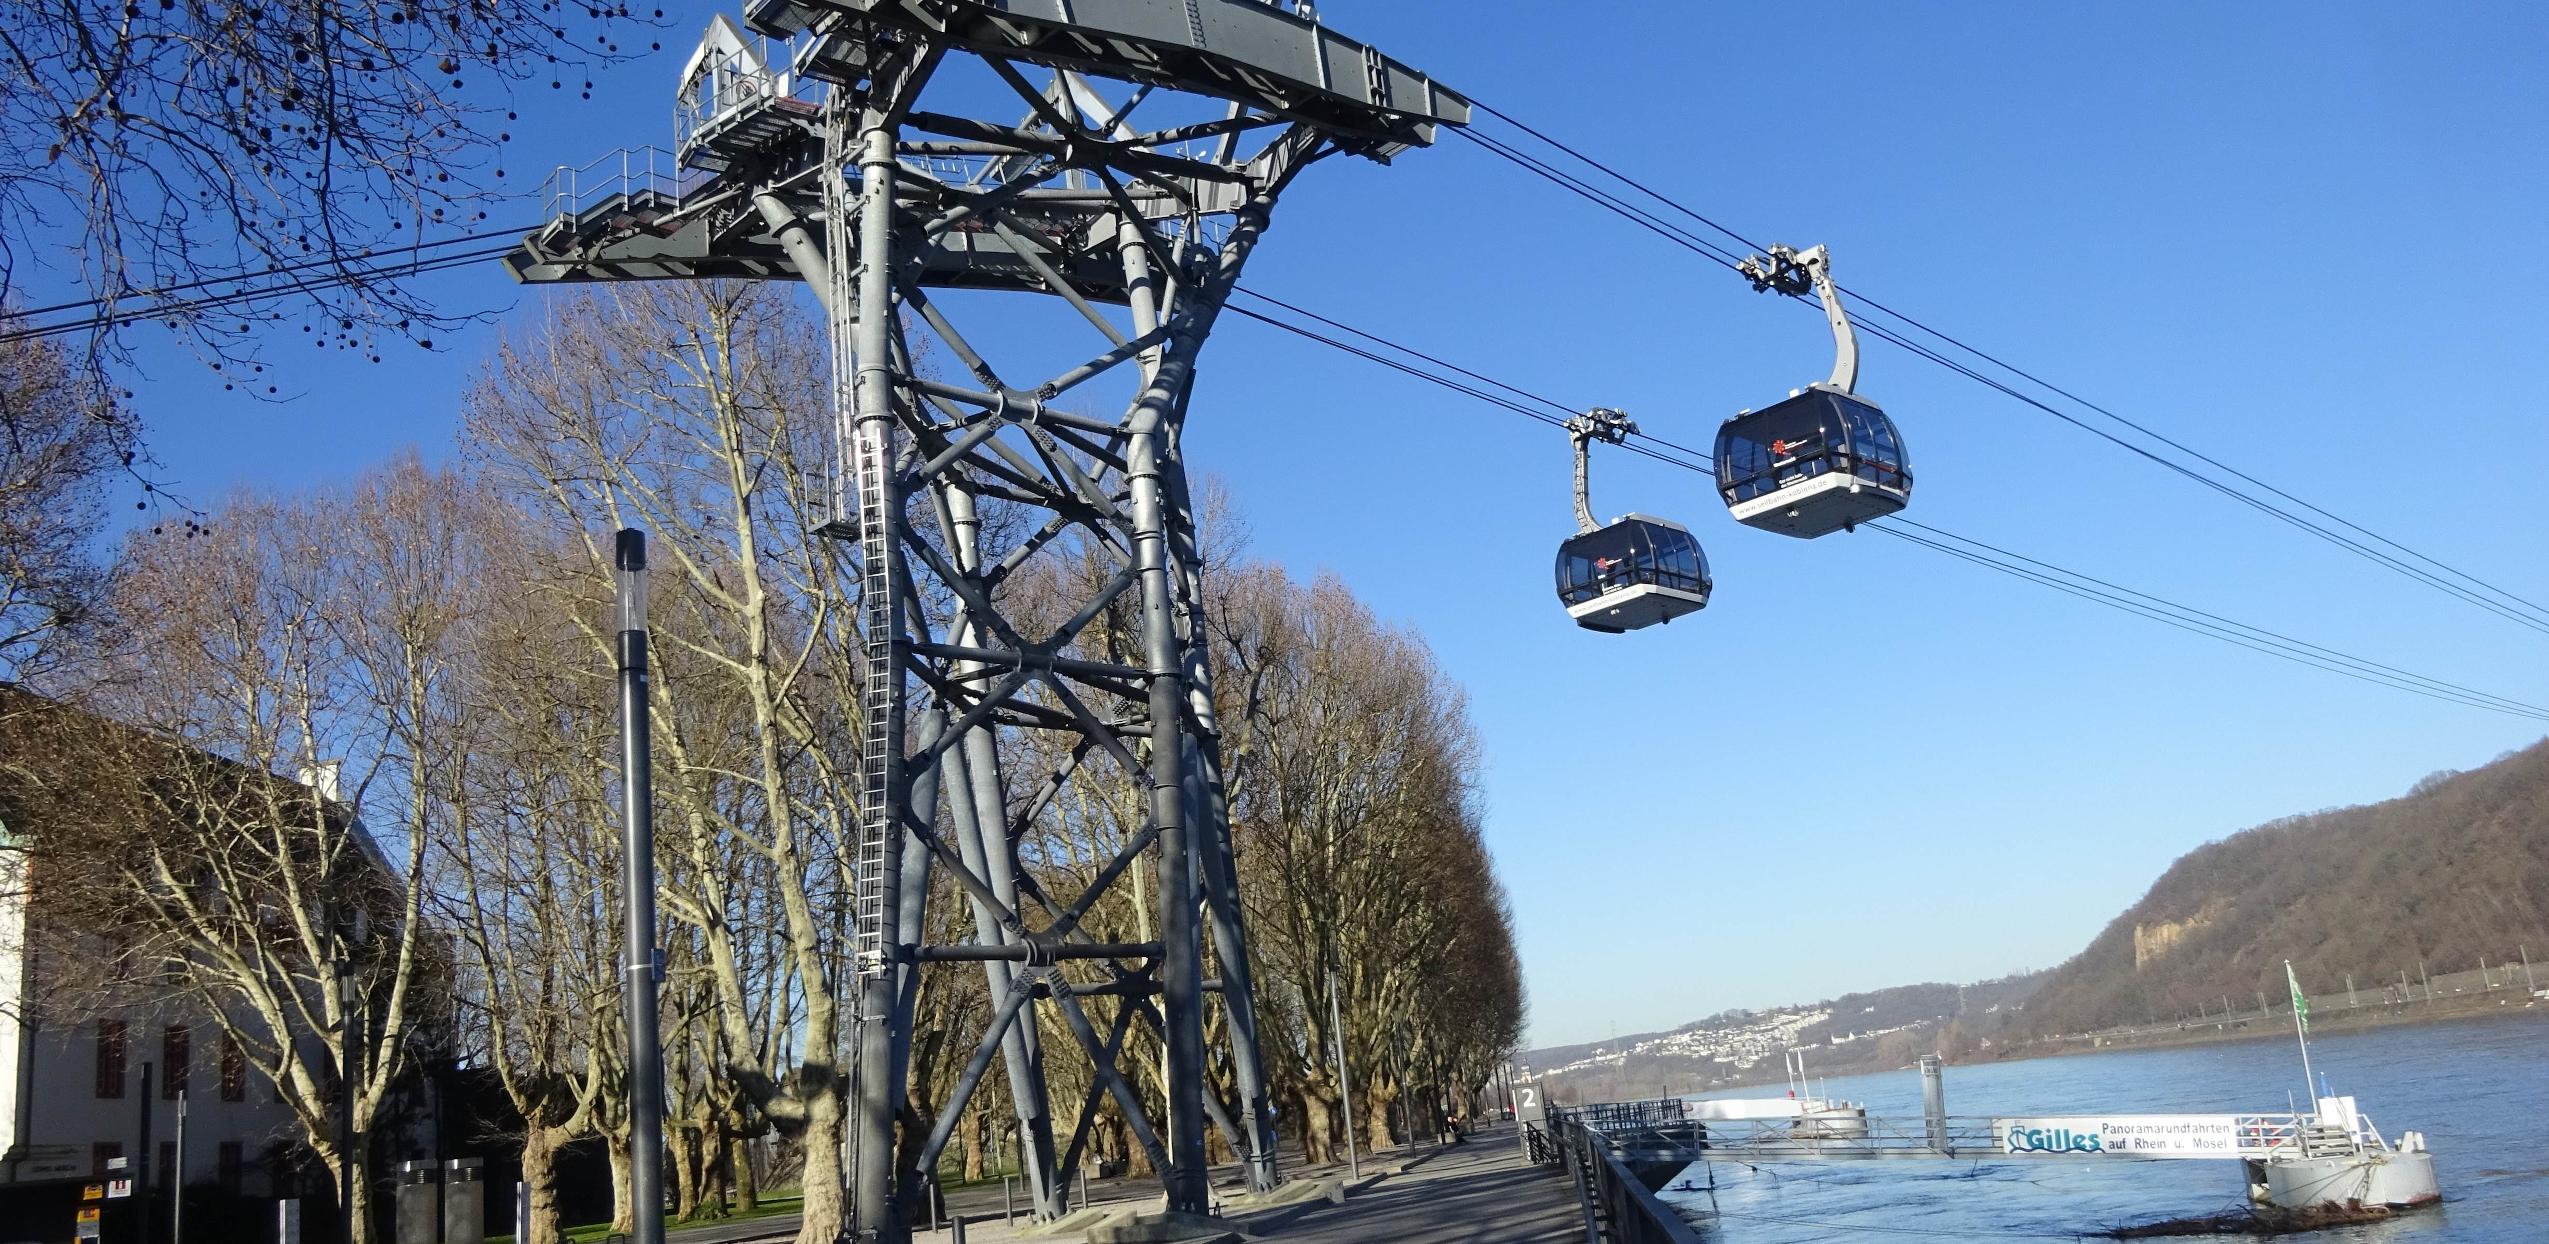 Das Bild zeigt die Luftseilbahn aus Koblenz. Im Hintergrund ist der Rhein zu sehen.